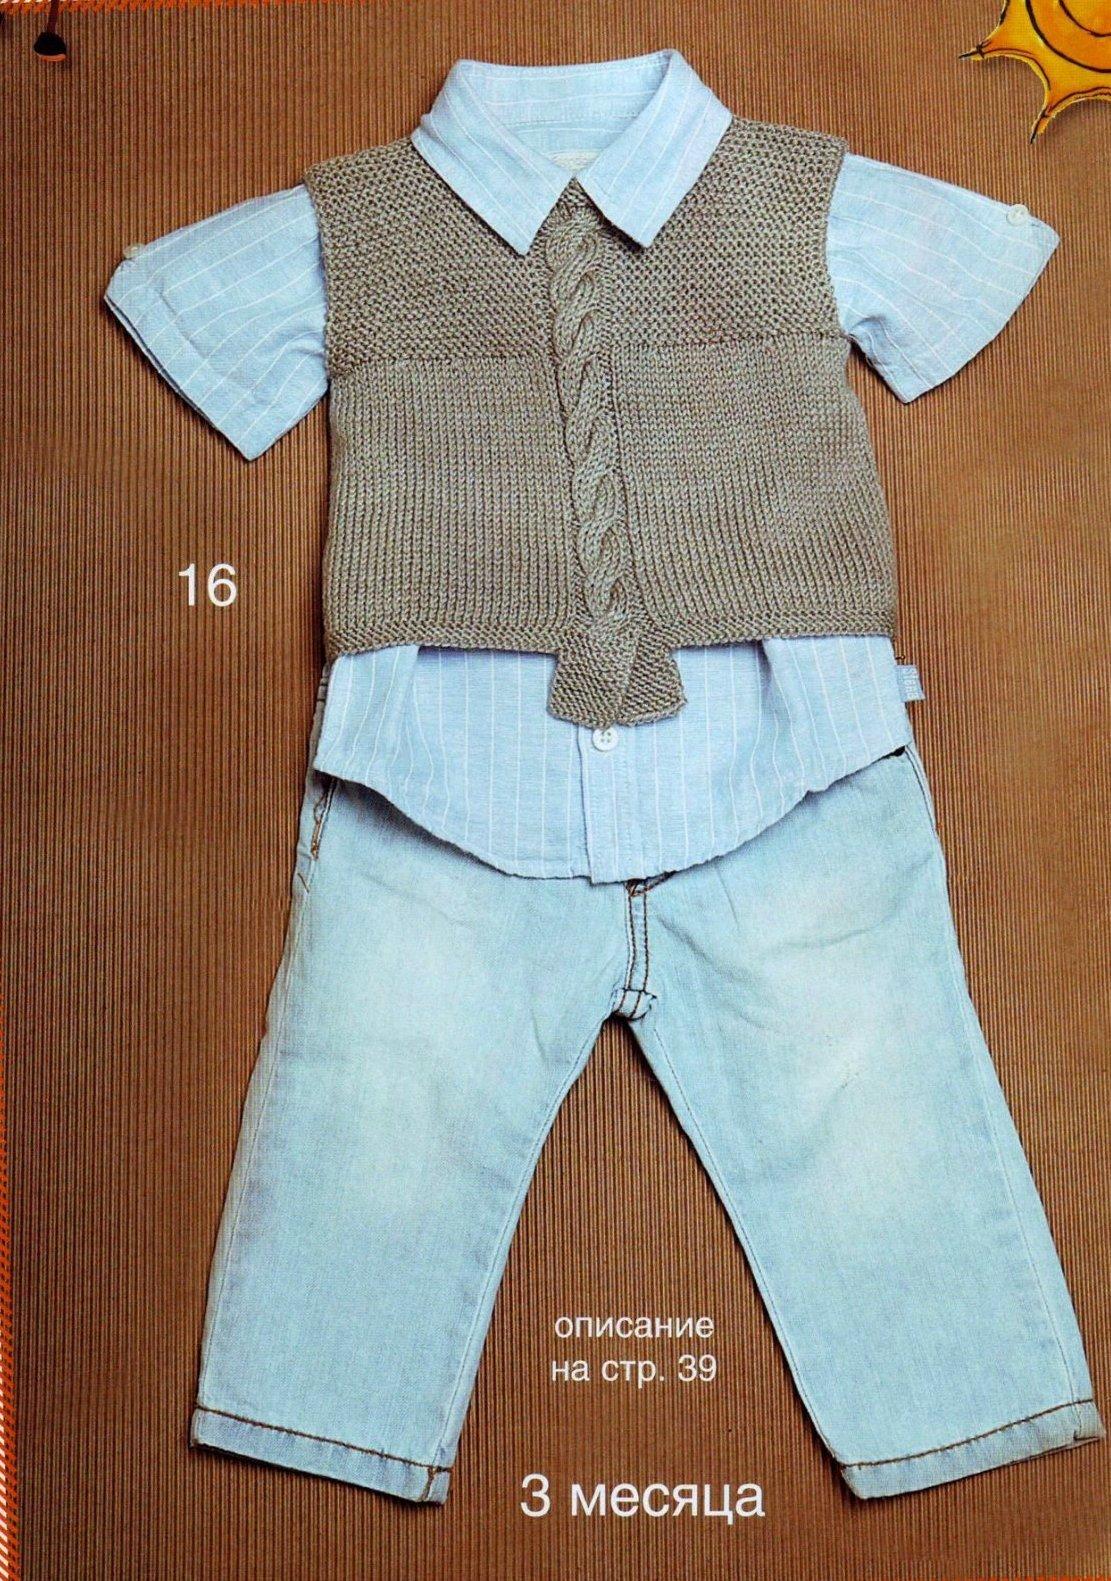 Современная жилетка для мальчика вязаная спицами с центральной косой